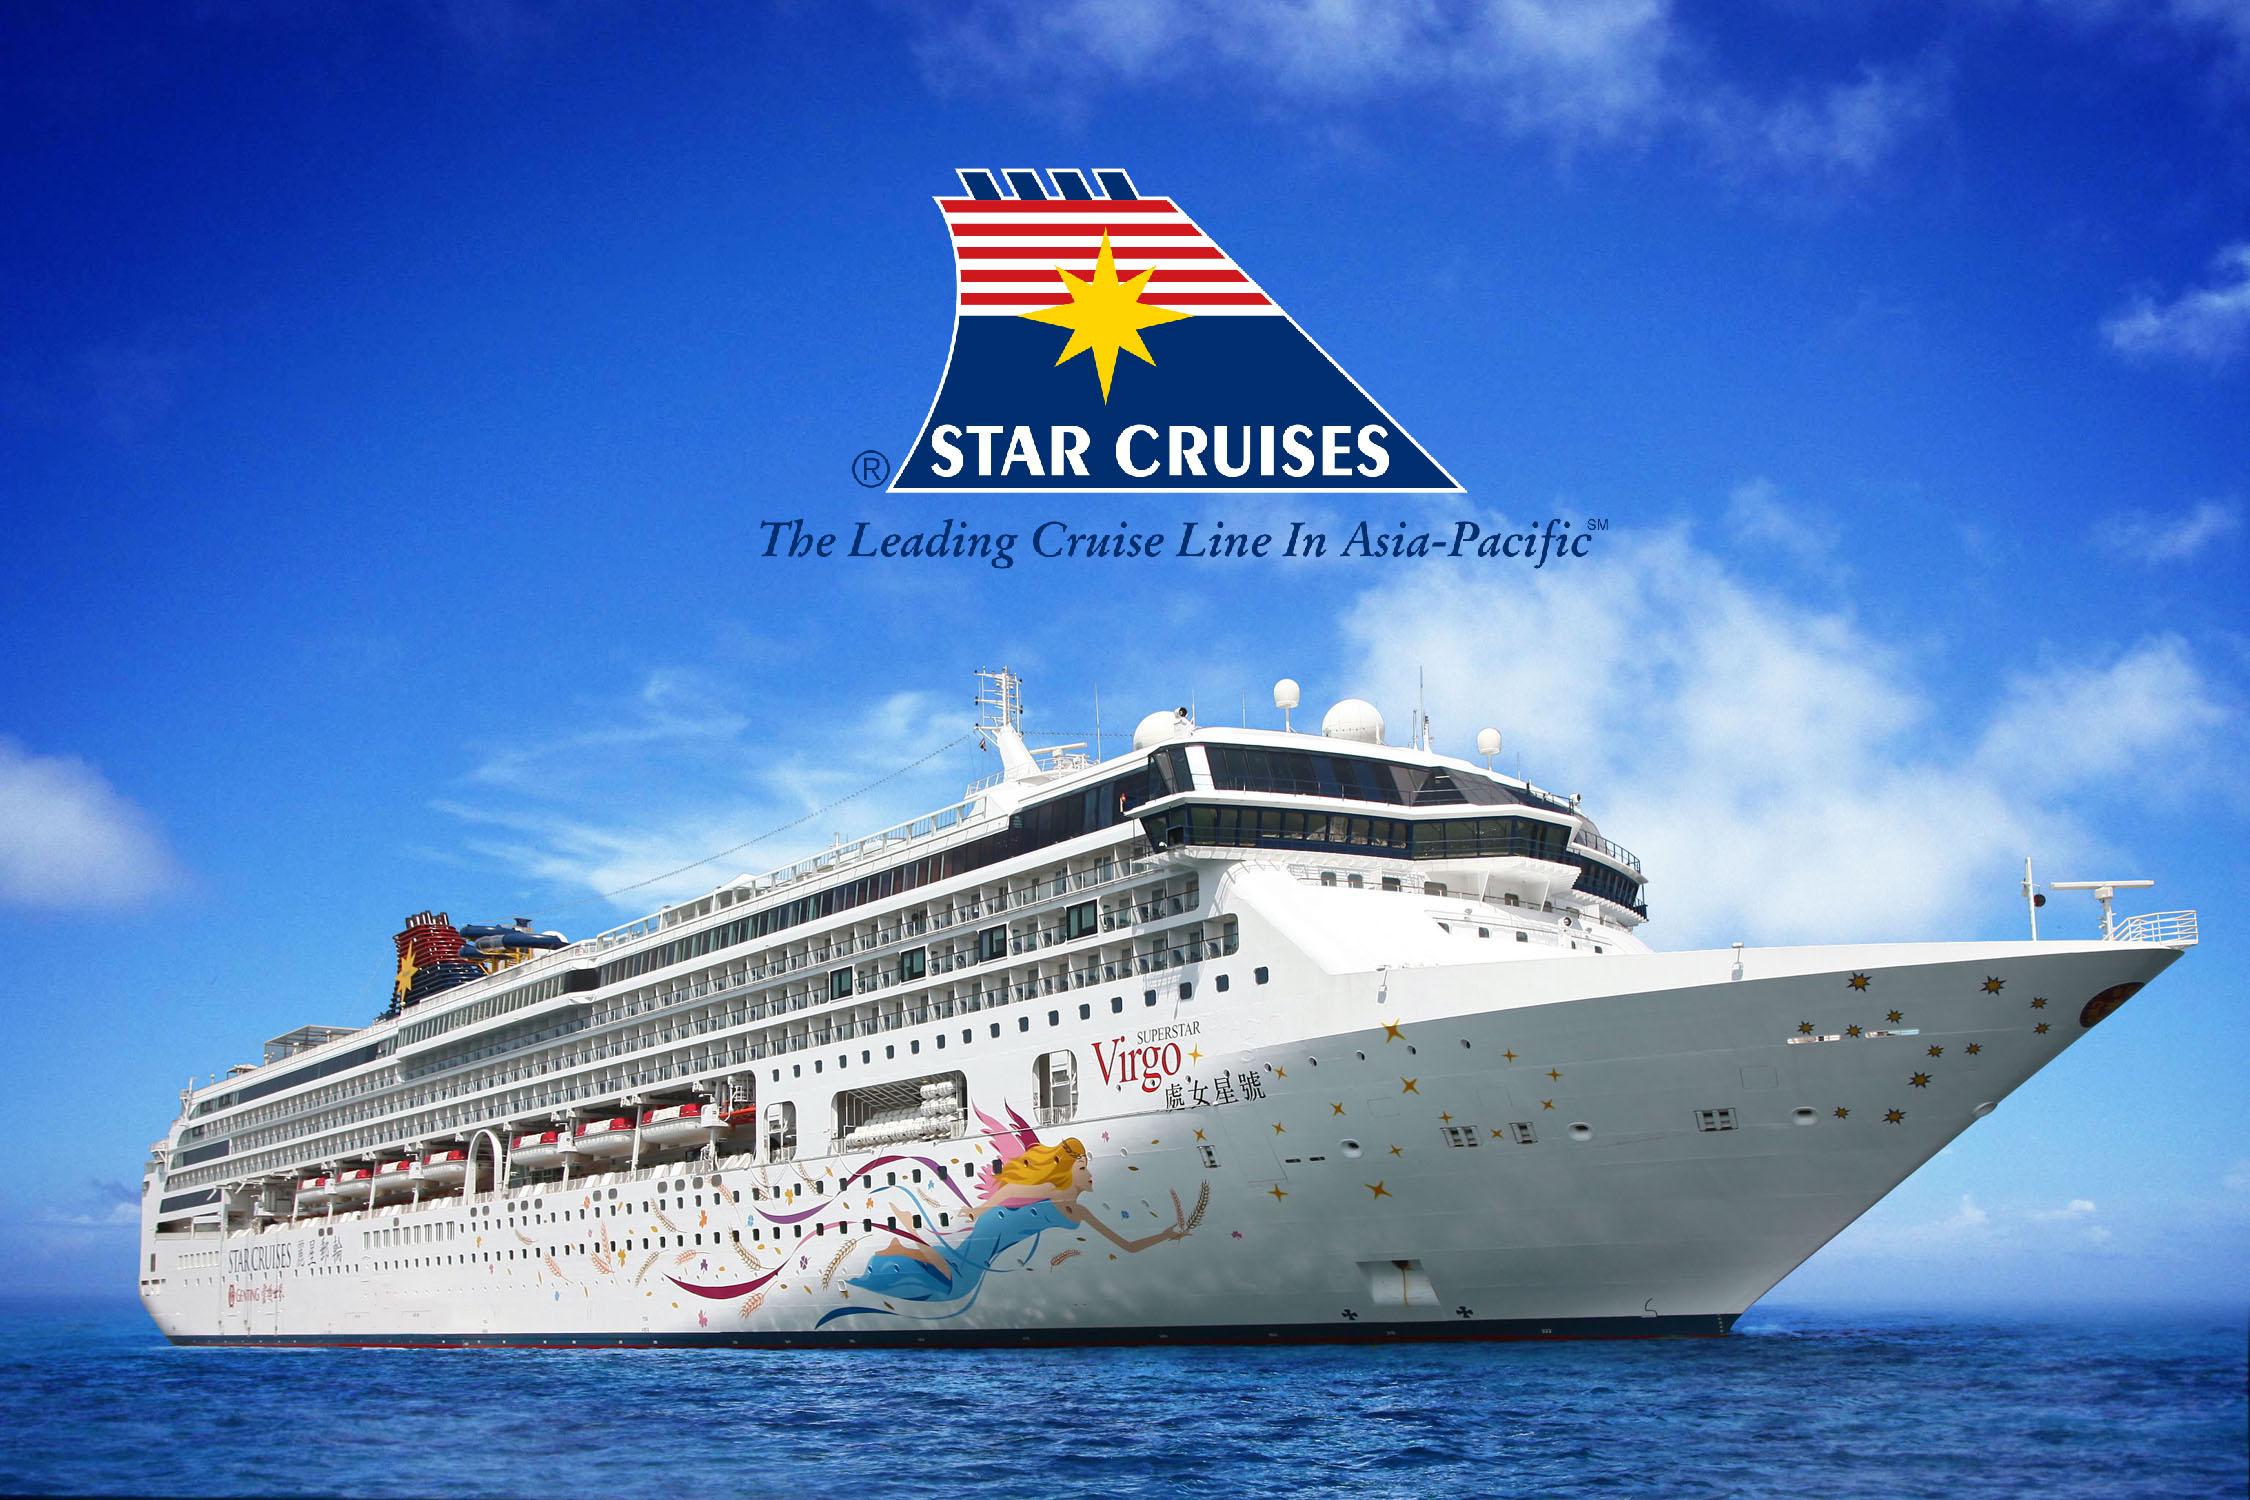 ทัวร์เรือสำราญ สตาร์ครูซ  Star Cruises